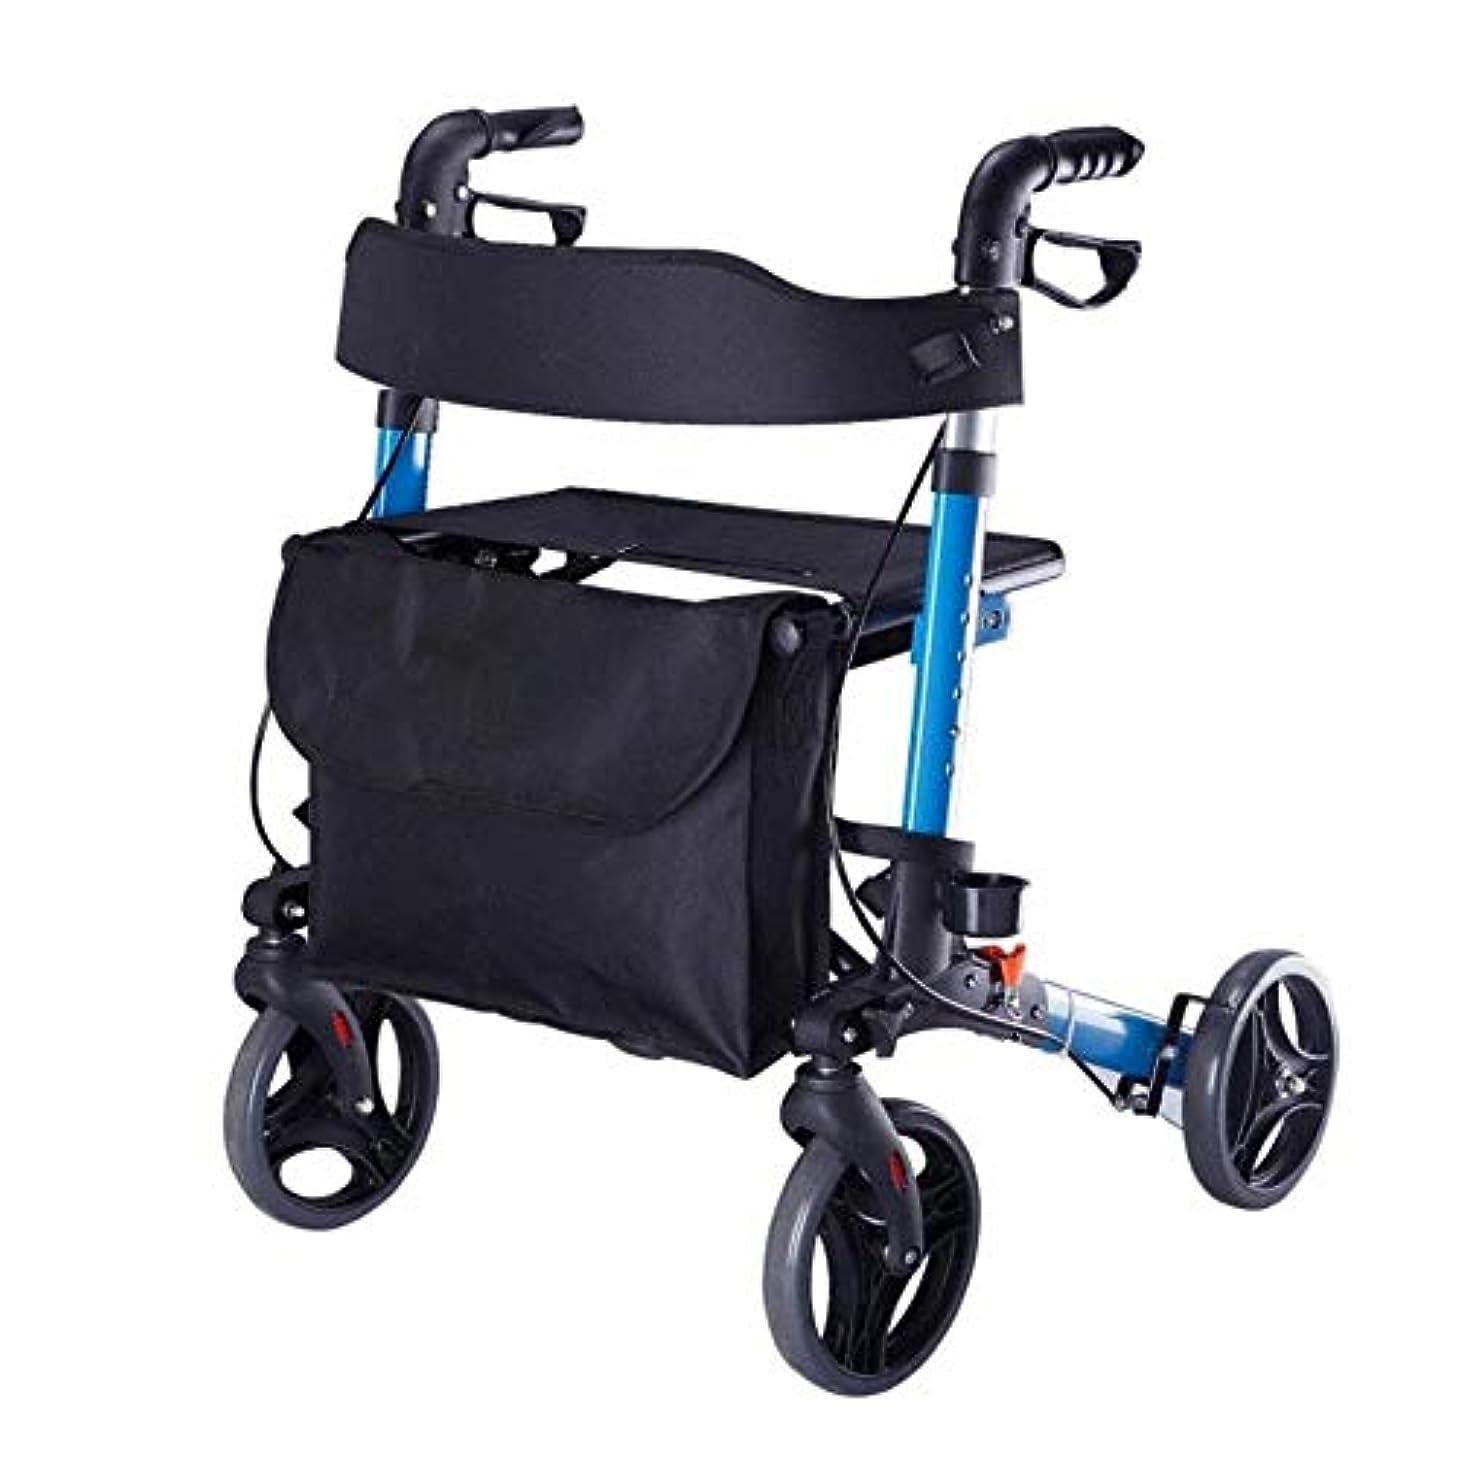 ニンニク研究所買収滑車が付いている歩行補助装置、より古いおよび傷つけられたのための多機能の年配の歩行者のアルミ合金の歩行者 (Color : 黒)